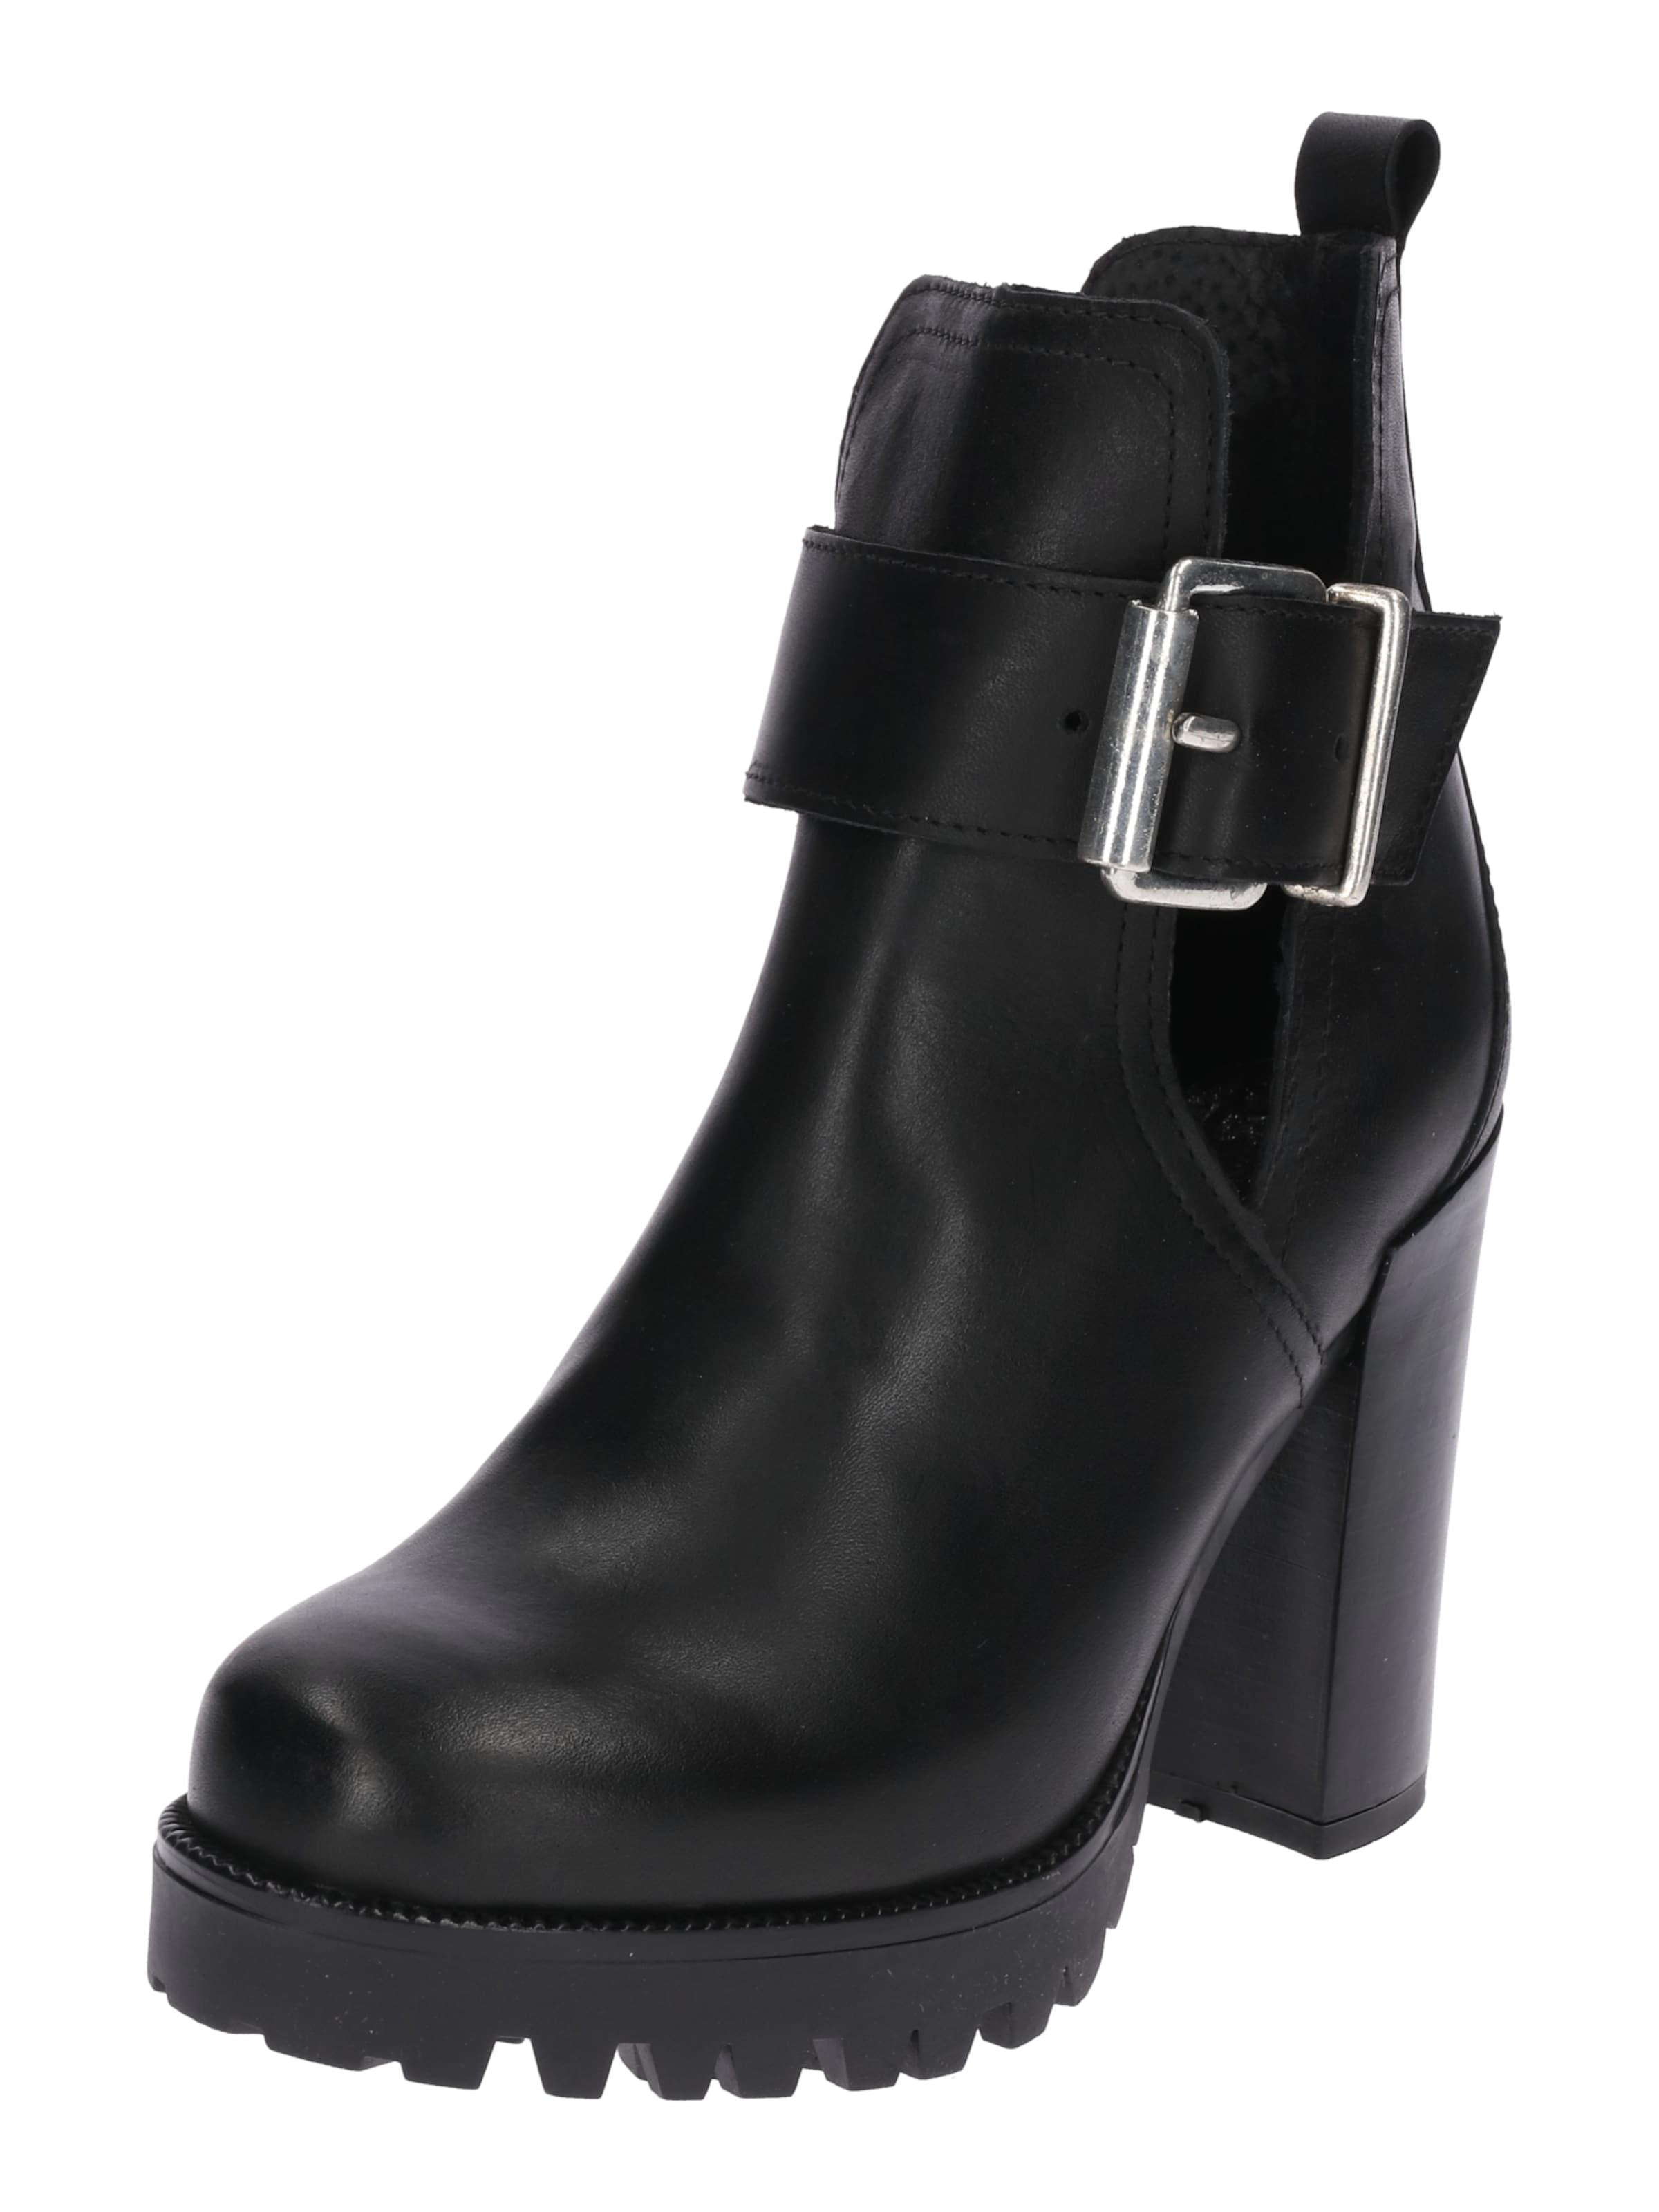 PS Poelman Stiefelette Verschleißfeste billige Schuhe